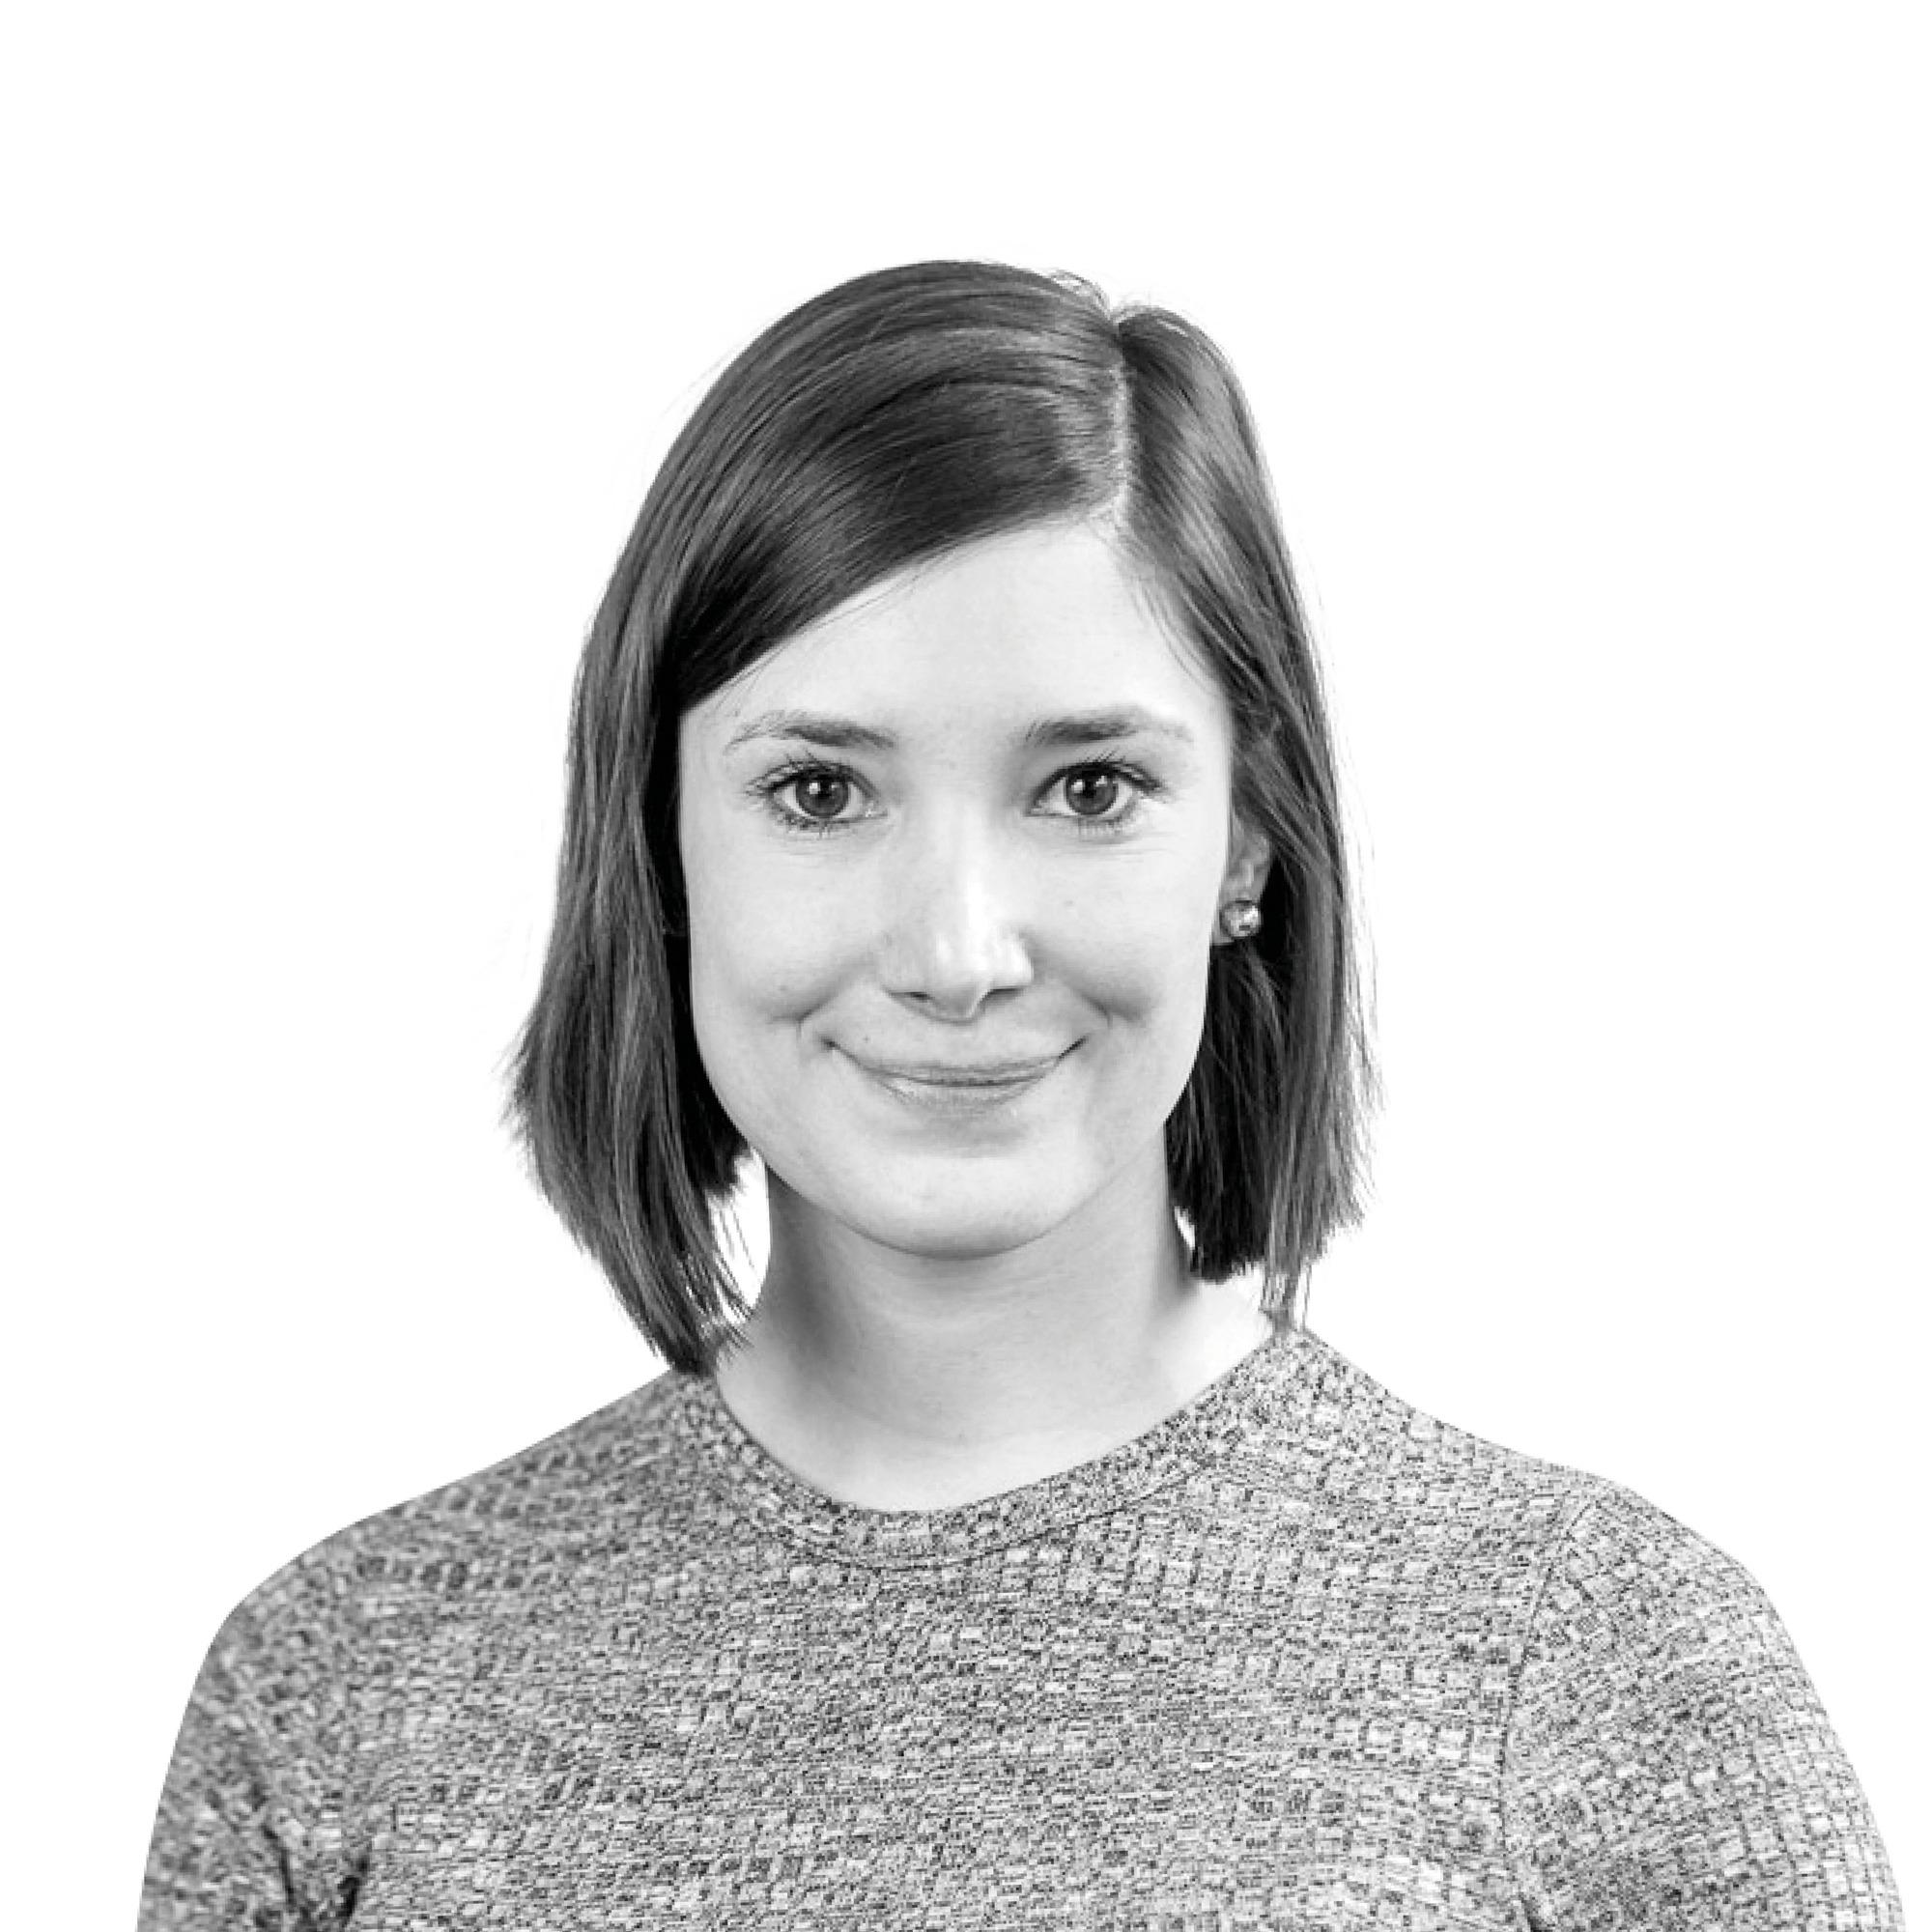 Laura Klohn